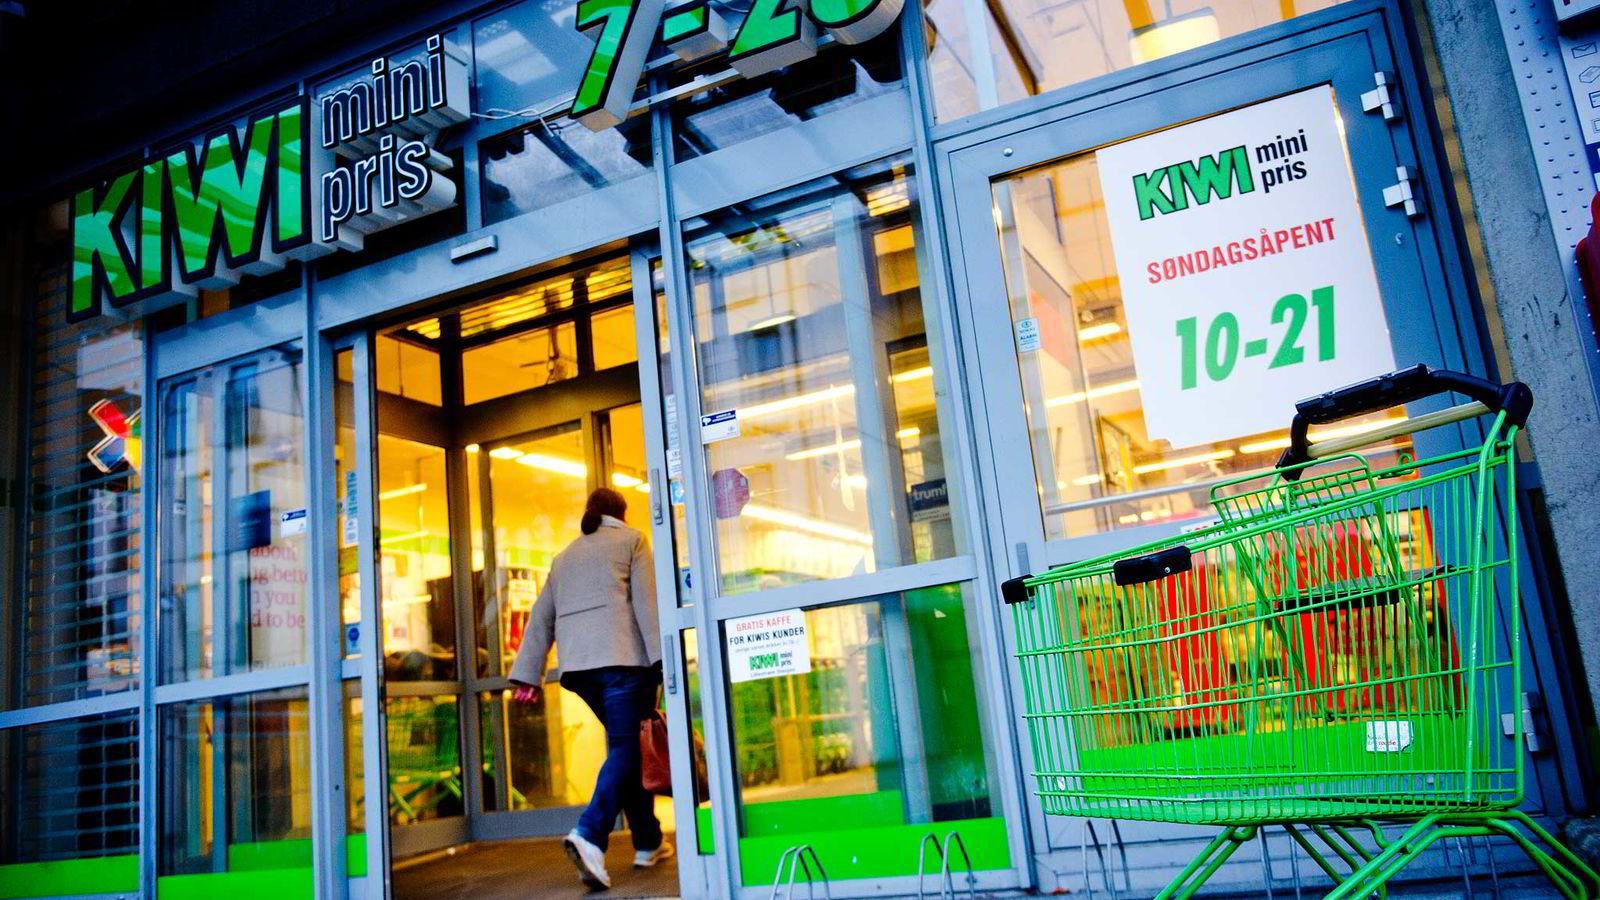 Arkivbilde. En søndagsåpen Kiwi-butikk på Lillestrøm. Foto: Jon Olav Nesvold /